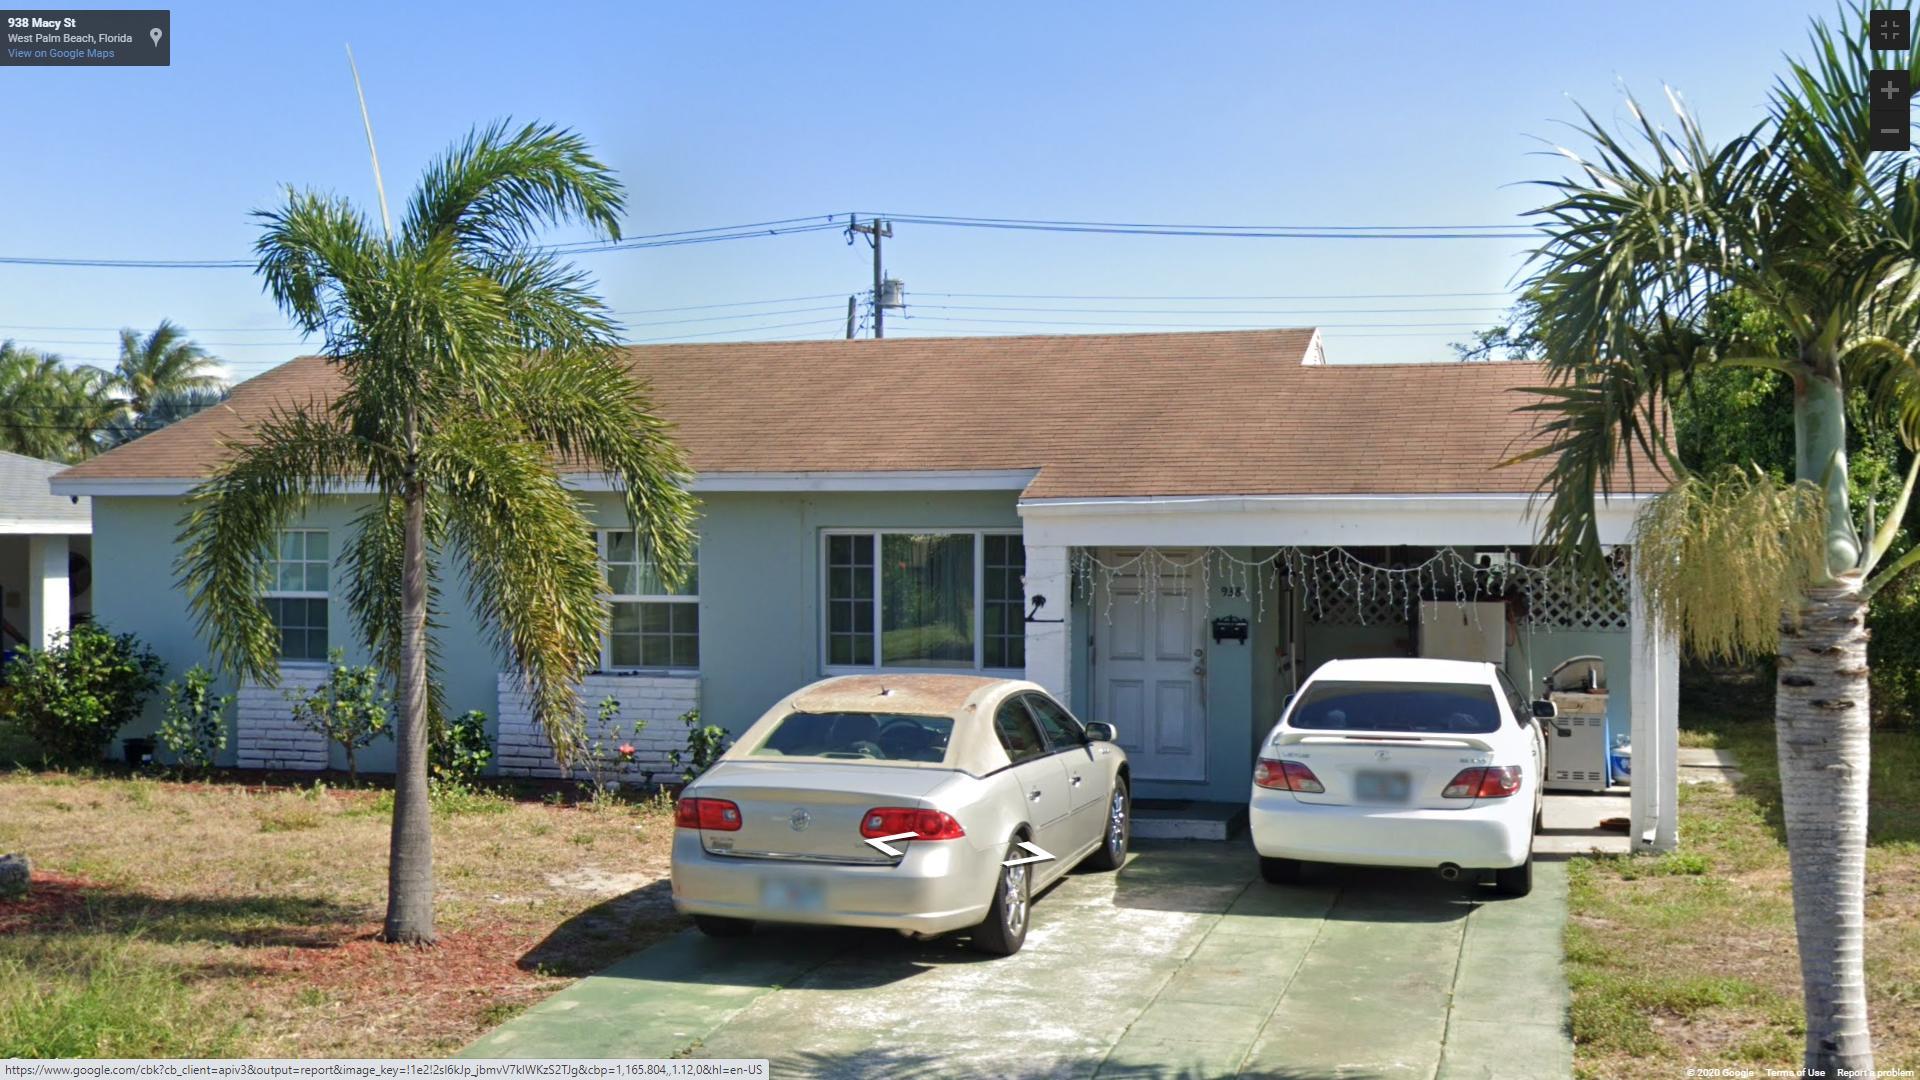 938 Macy Street West Palm Beach, FL 33405